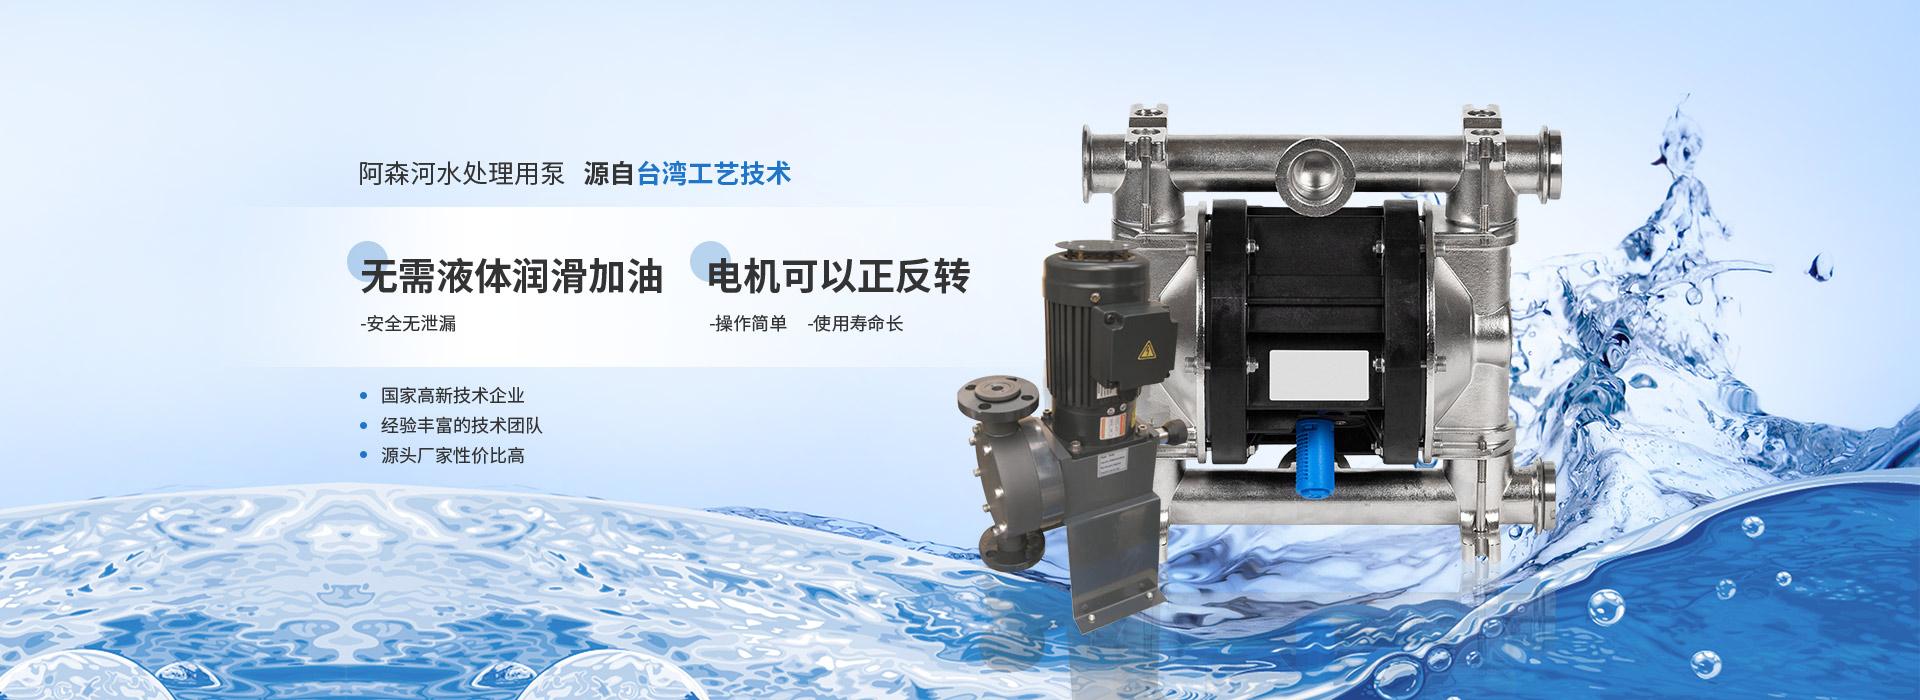 阿森河计量泵厂家无需液体润滑加油 电机可以正反转